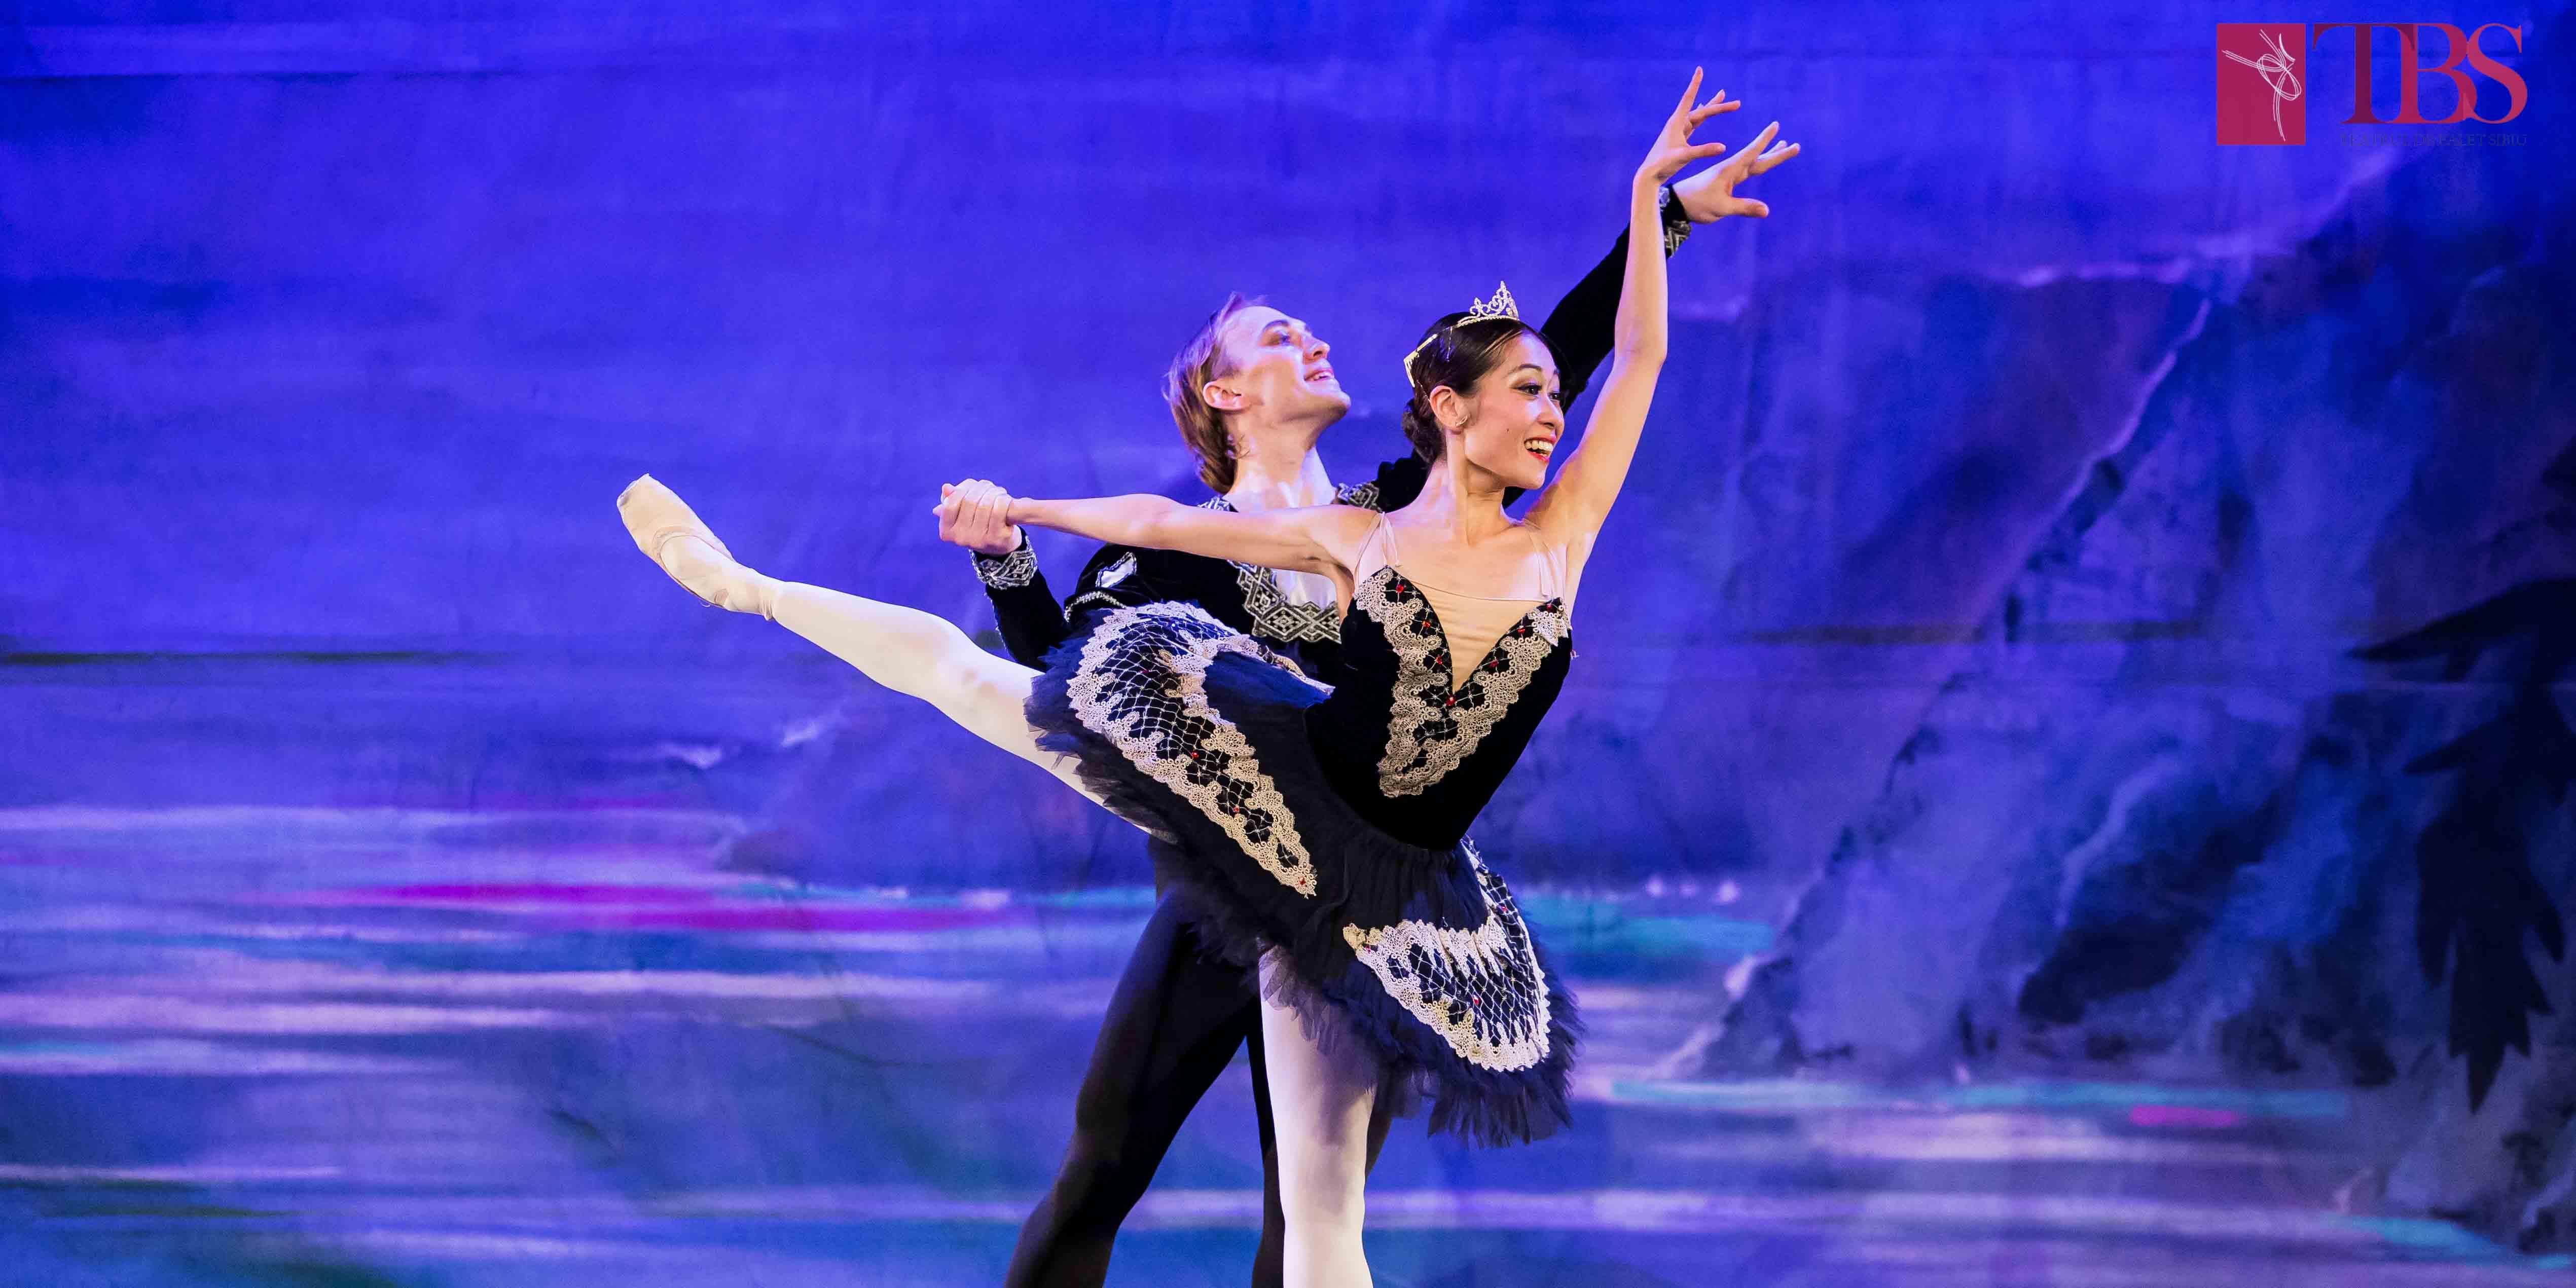 TBS dansează la Opera Națională București, în cadrul spectacolului de gală dedicat lansării oficiale a UACR